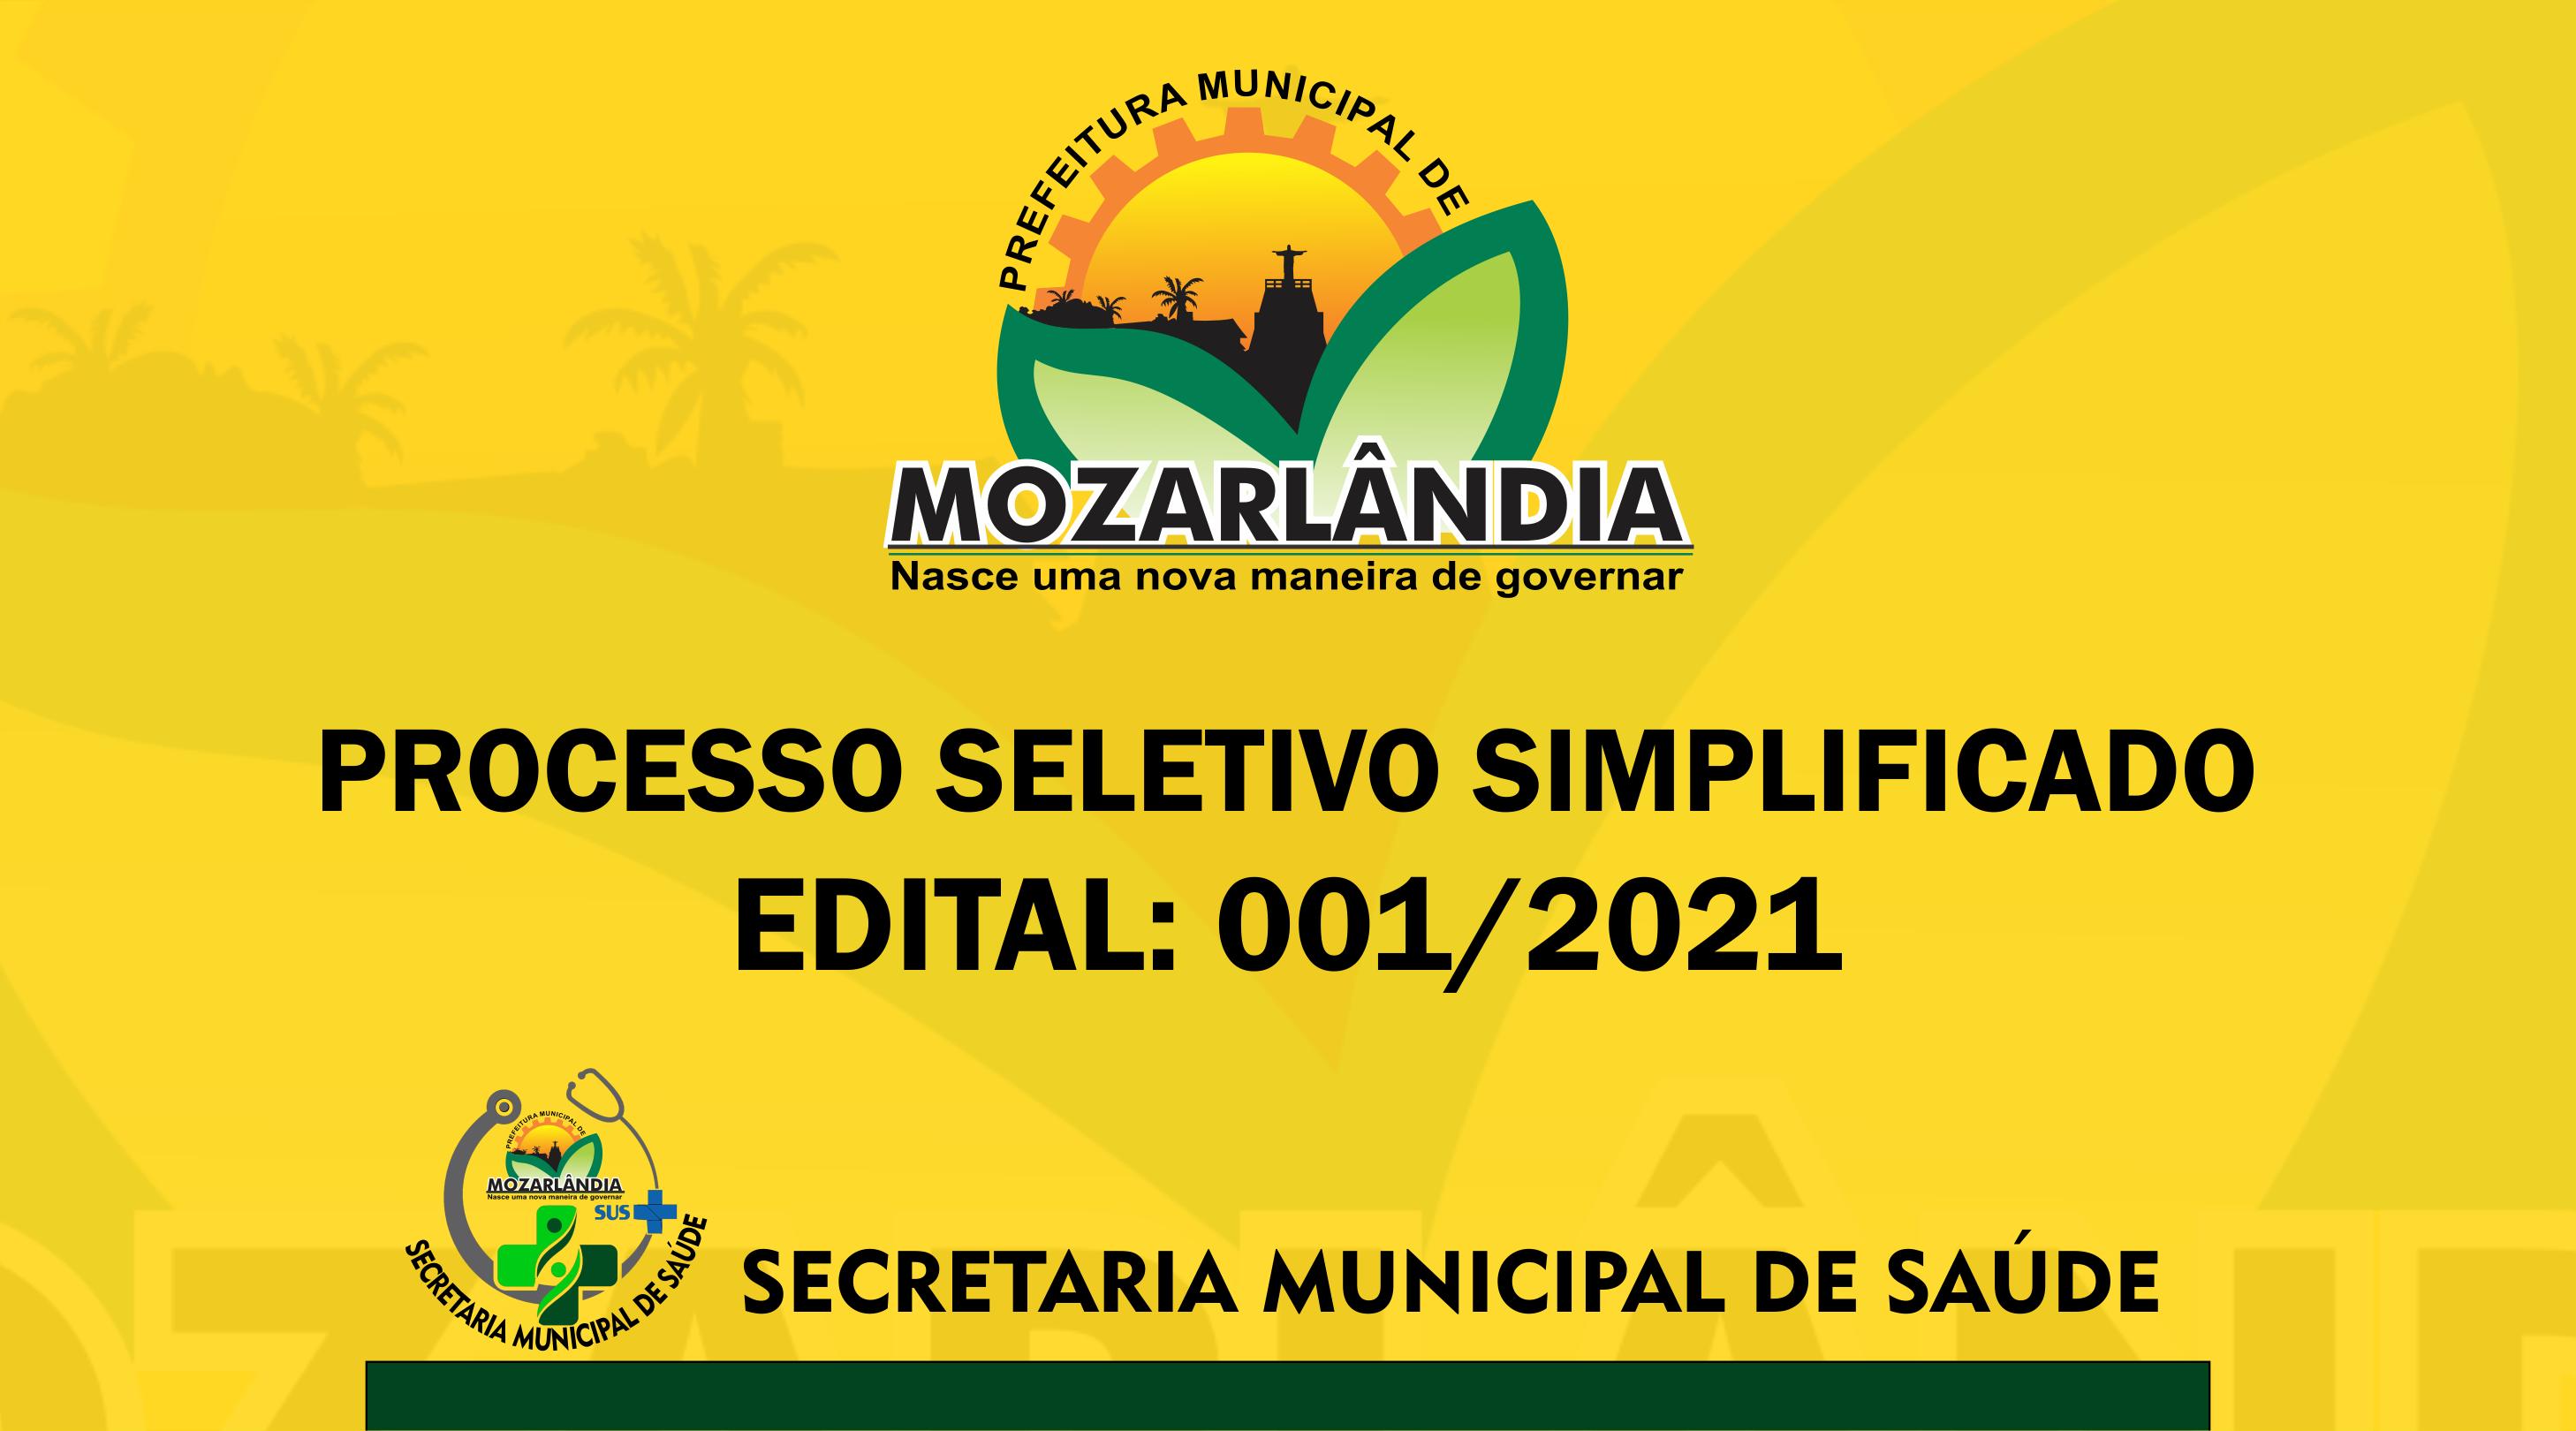 PROCESSO SELETIVO SIMPLIFICADO – Edital nº001/2021